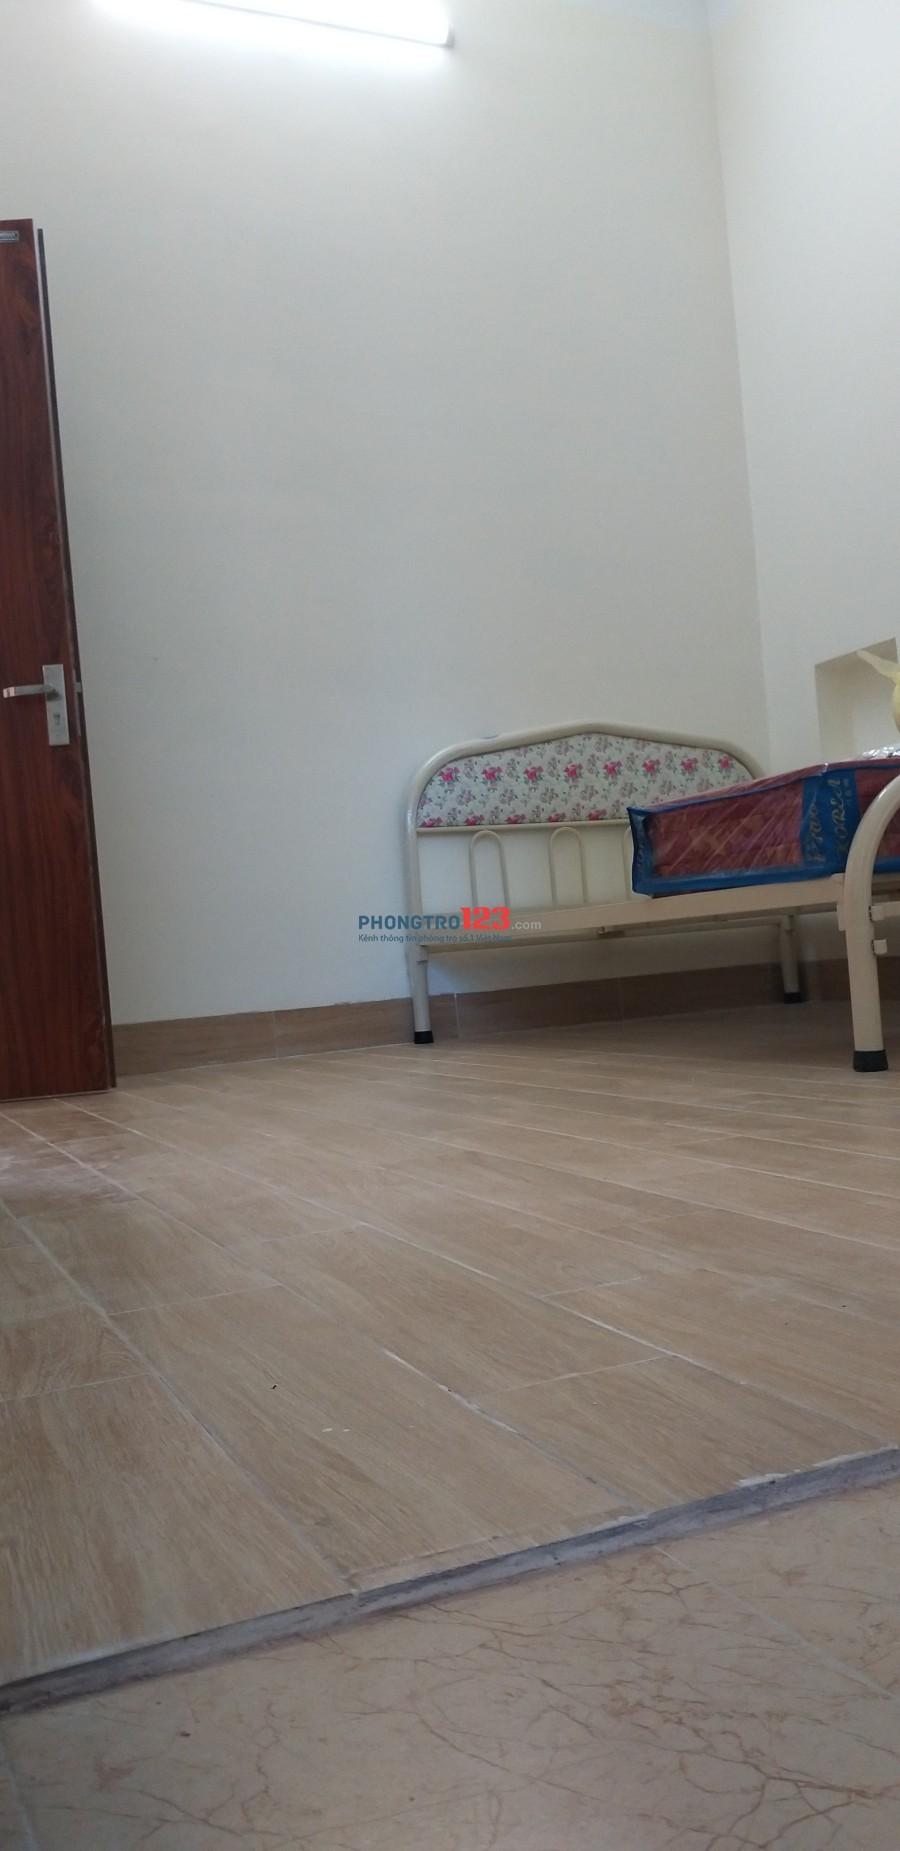 Cho thuê phòng trọ cao cấp, căn hộ mini đẹp nhất thành phố Vĩnh Yên, Vĩnh Phúc